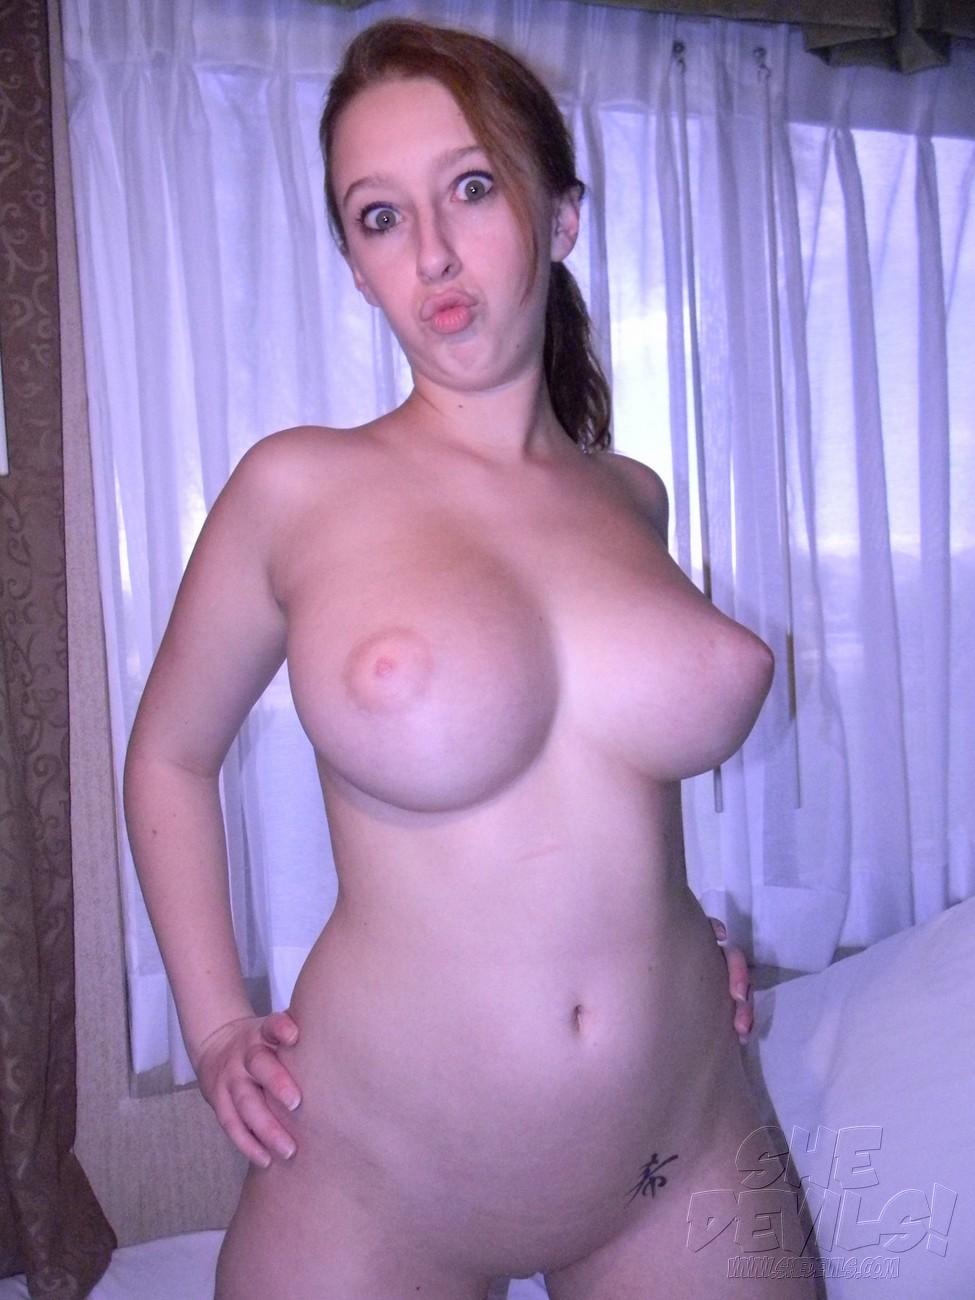 Felicia clover tits